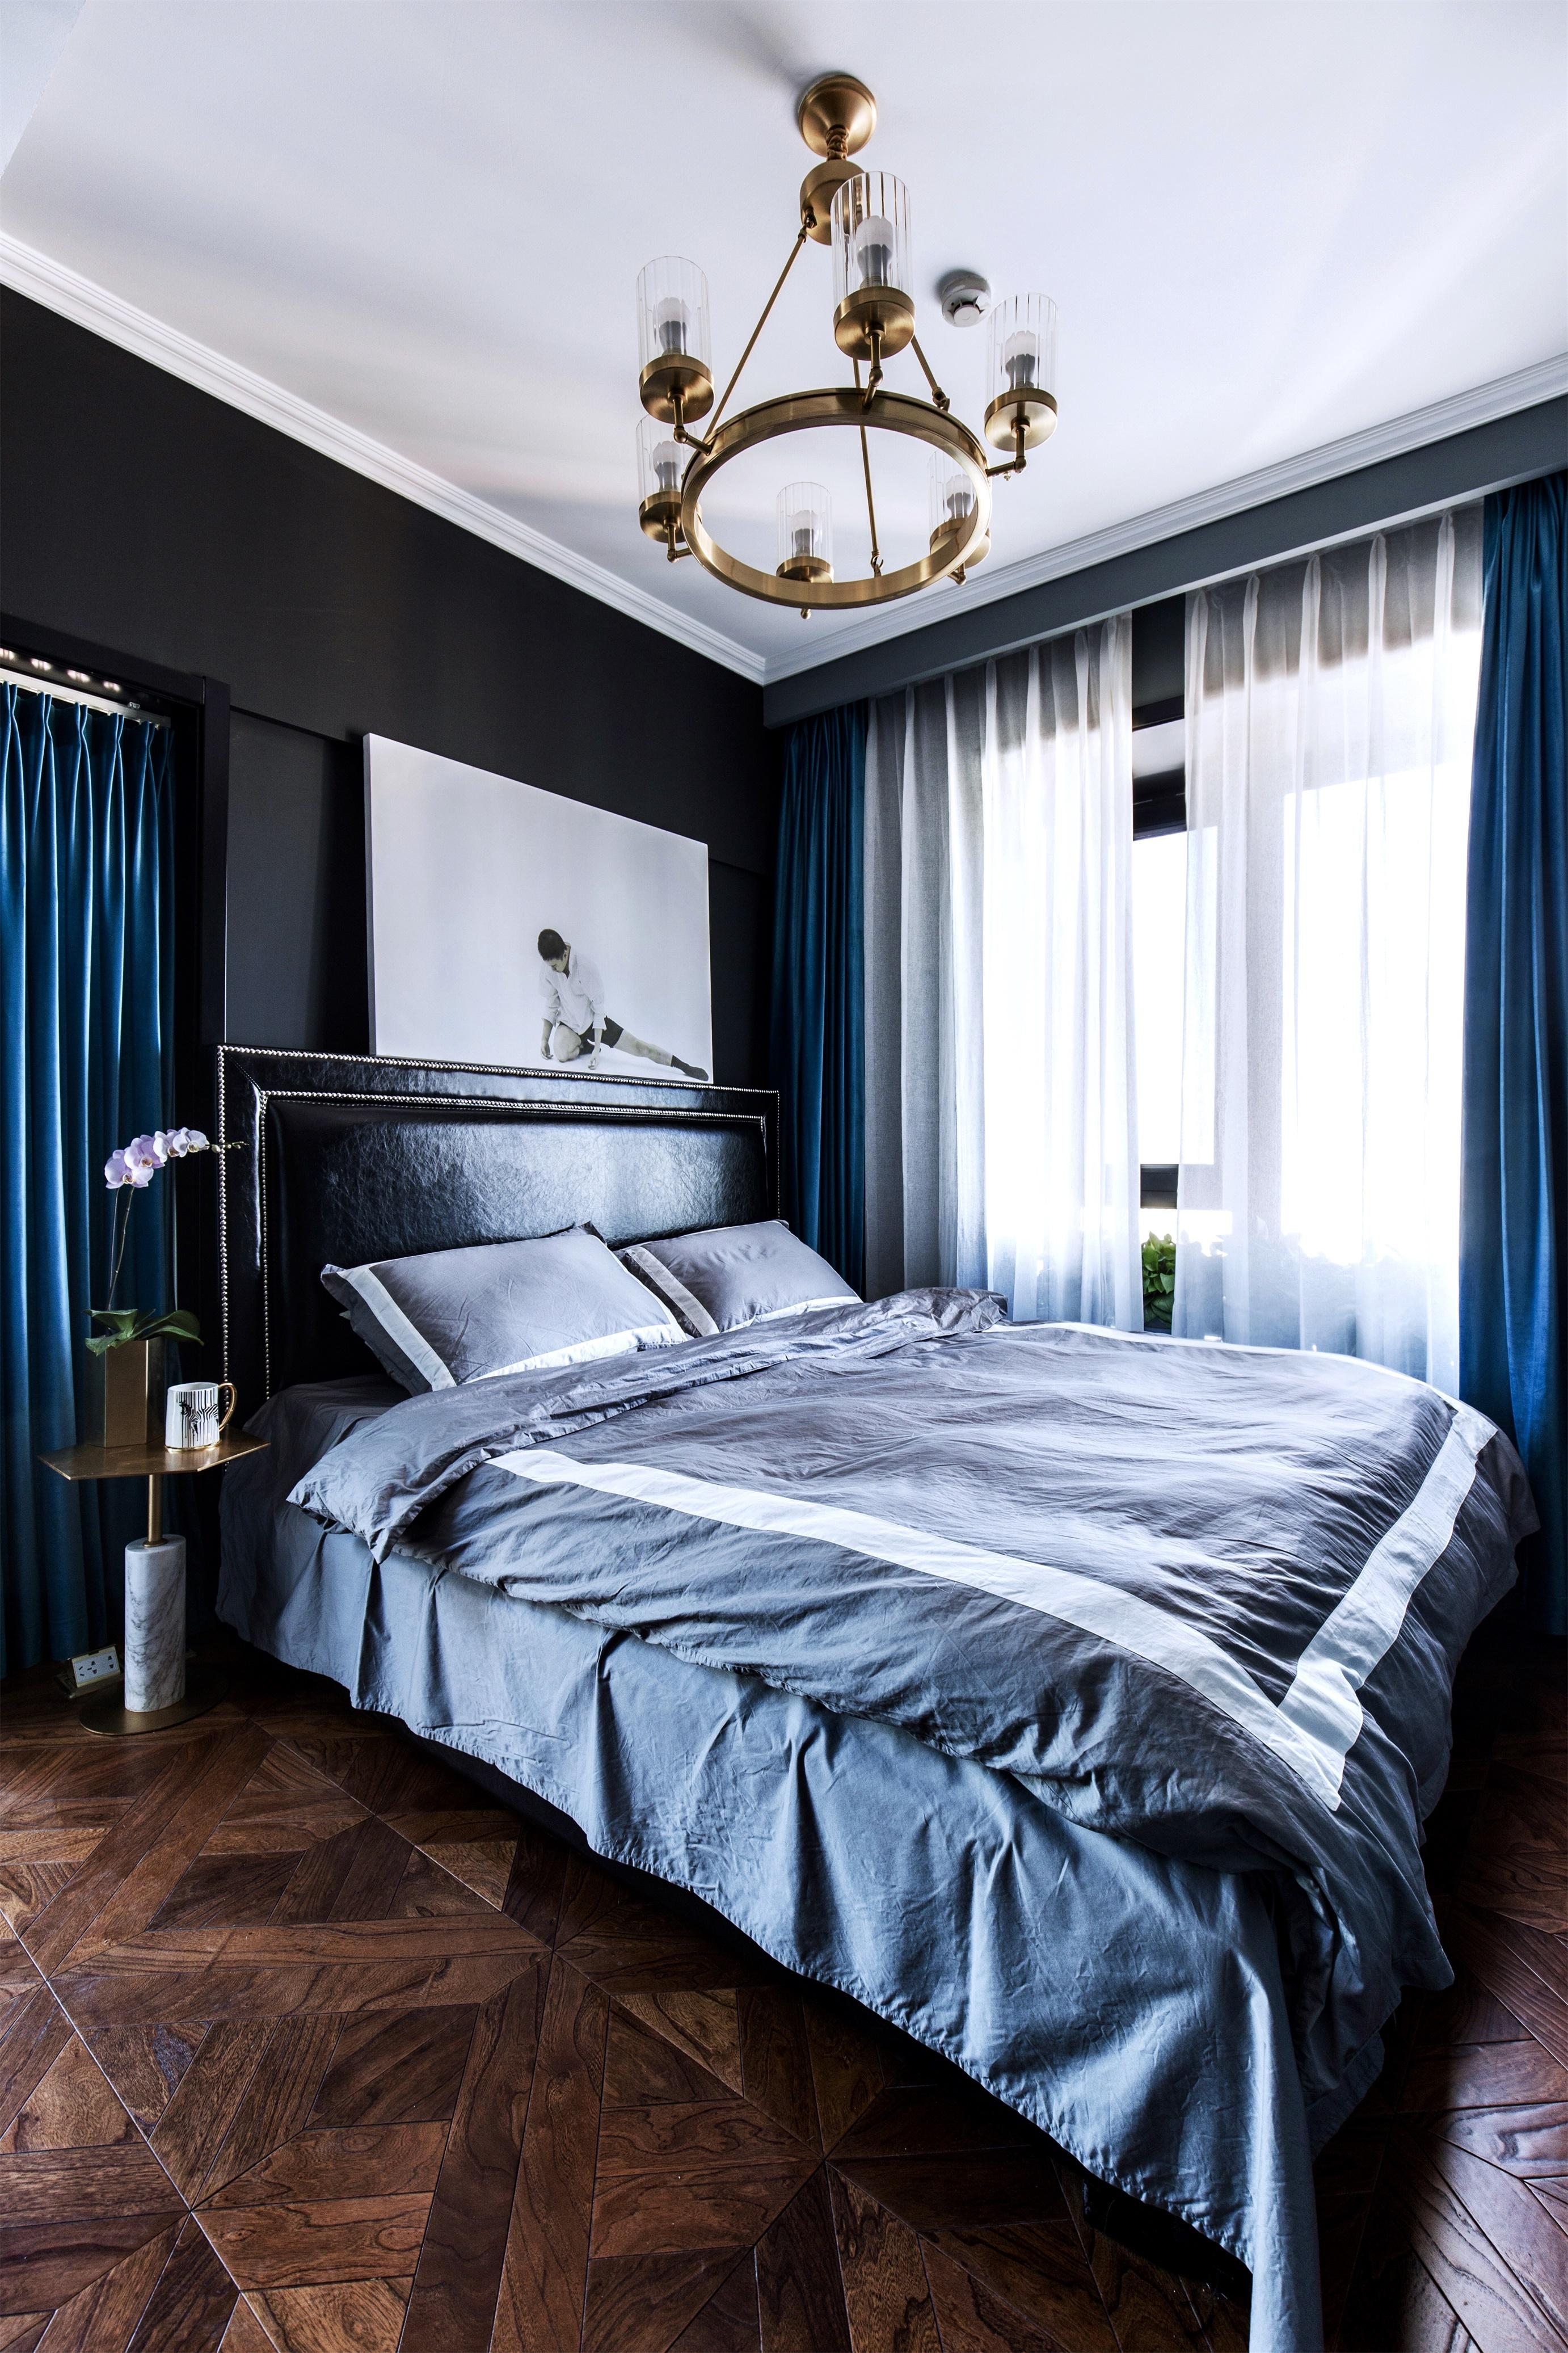 悠雅73平新古典二居卧室效果图欣赏卧室美式经典卧室设计图片赏析